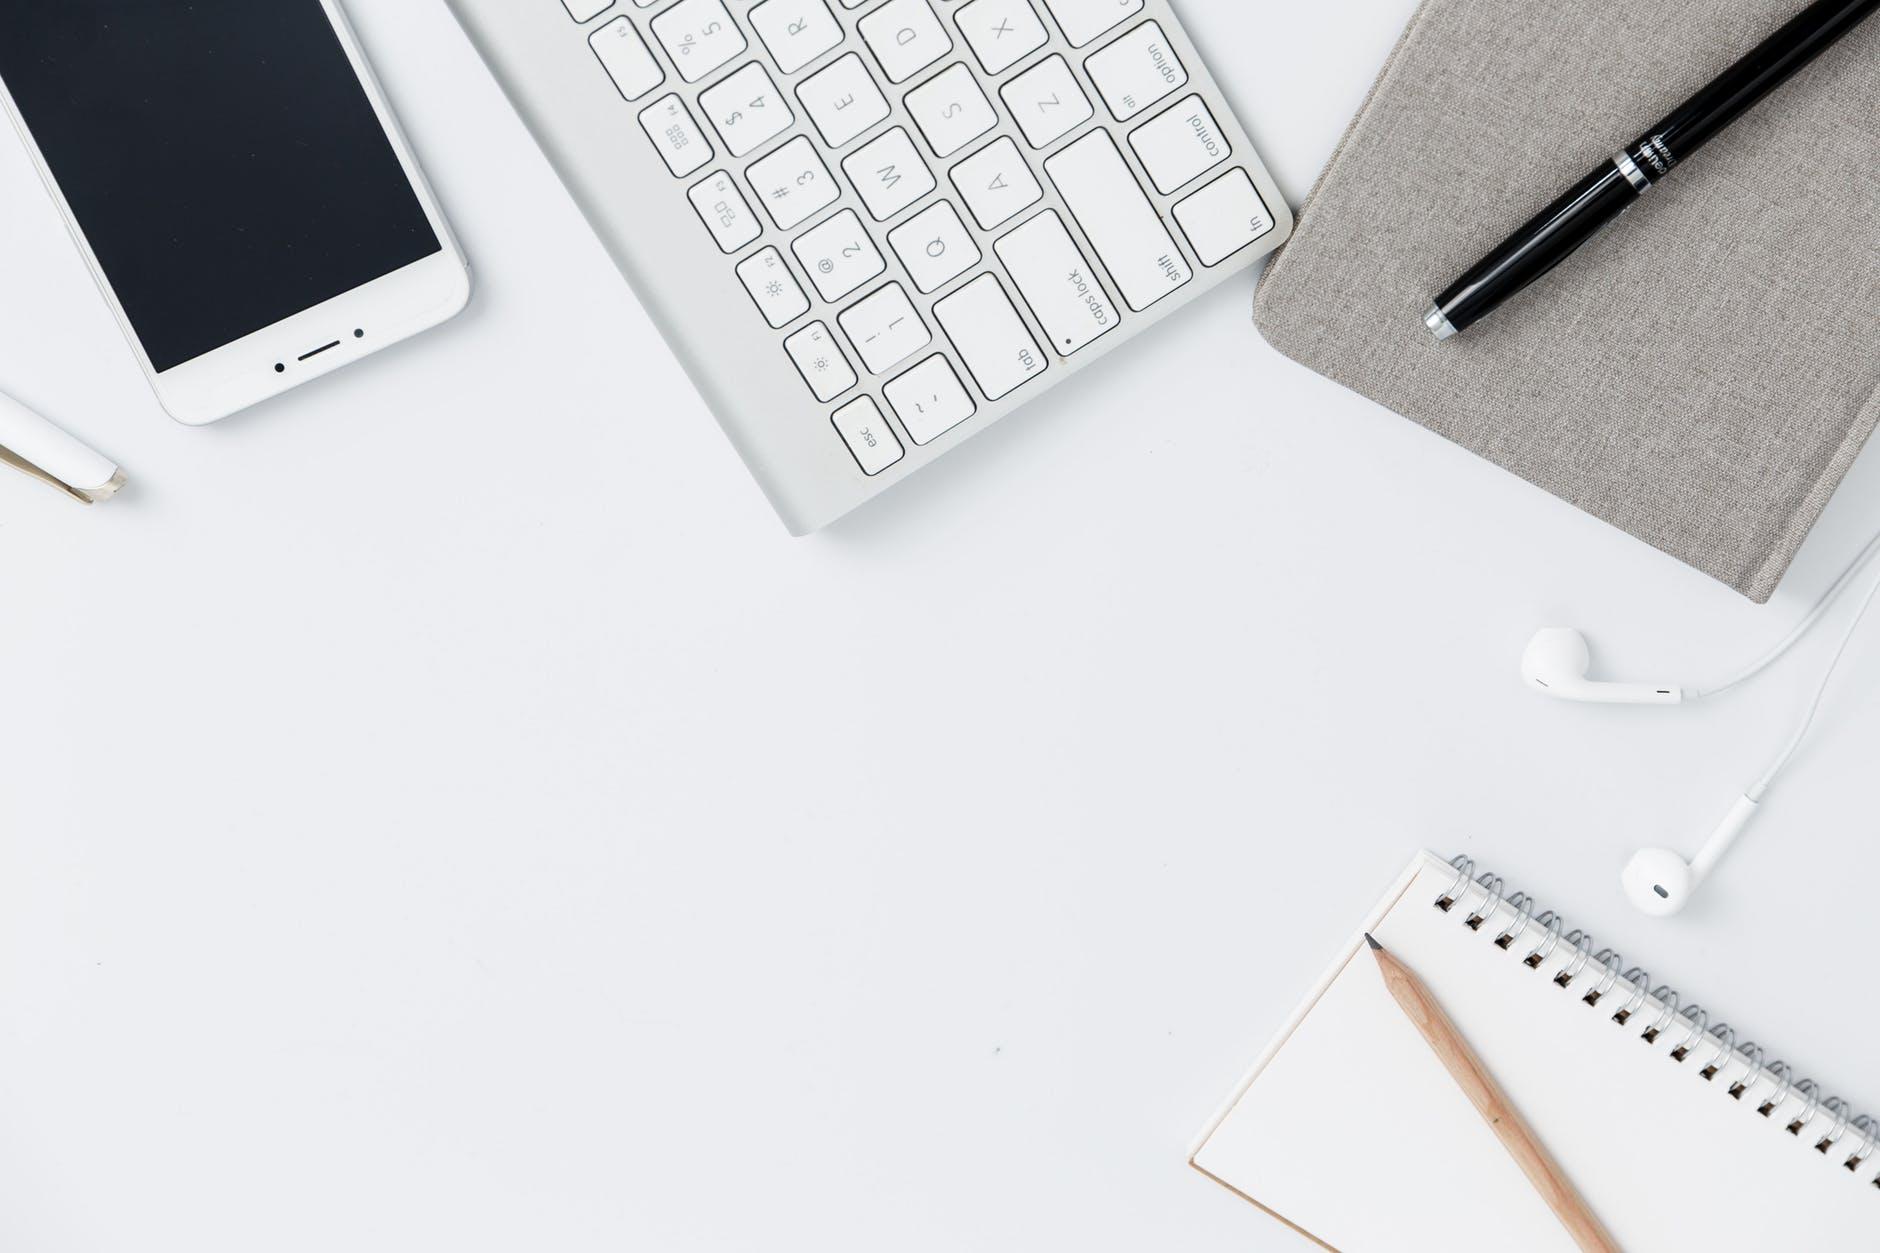 Work Experience di tipo specialistico: Segreteria Commerciale 4.0